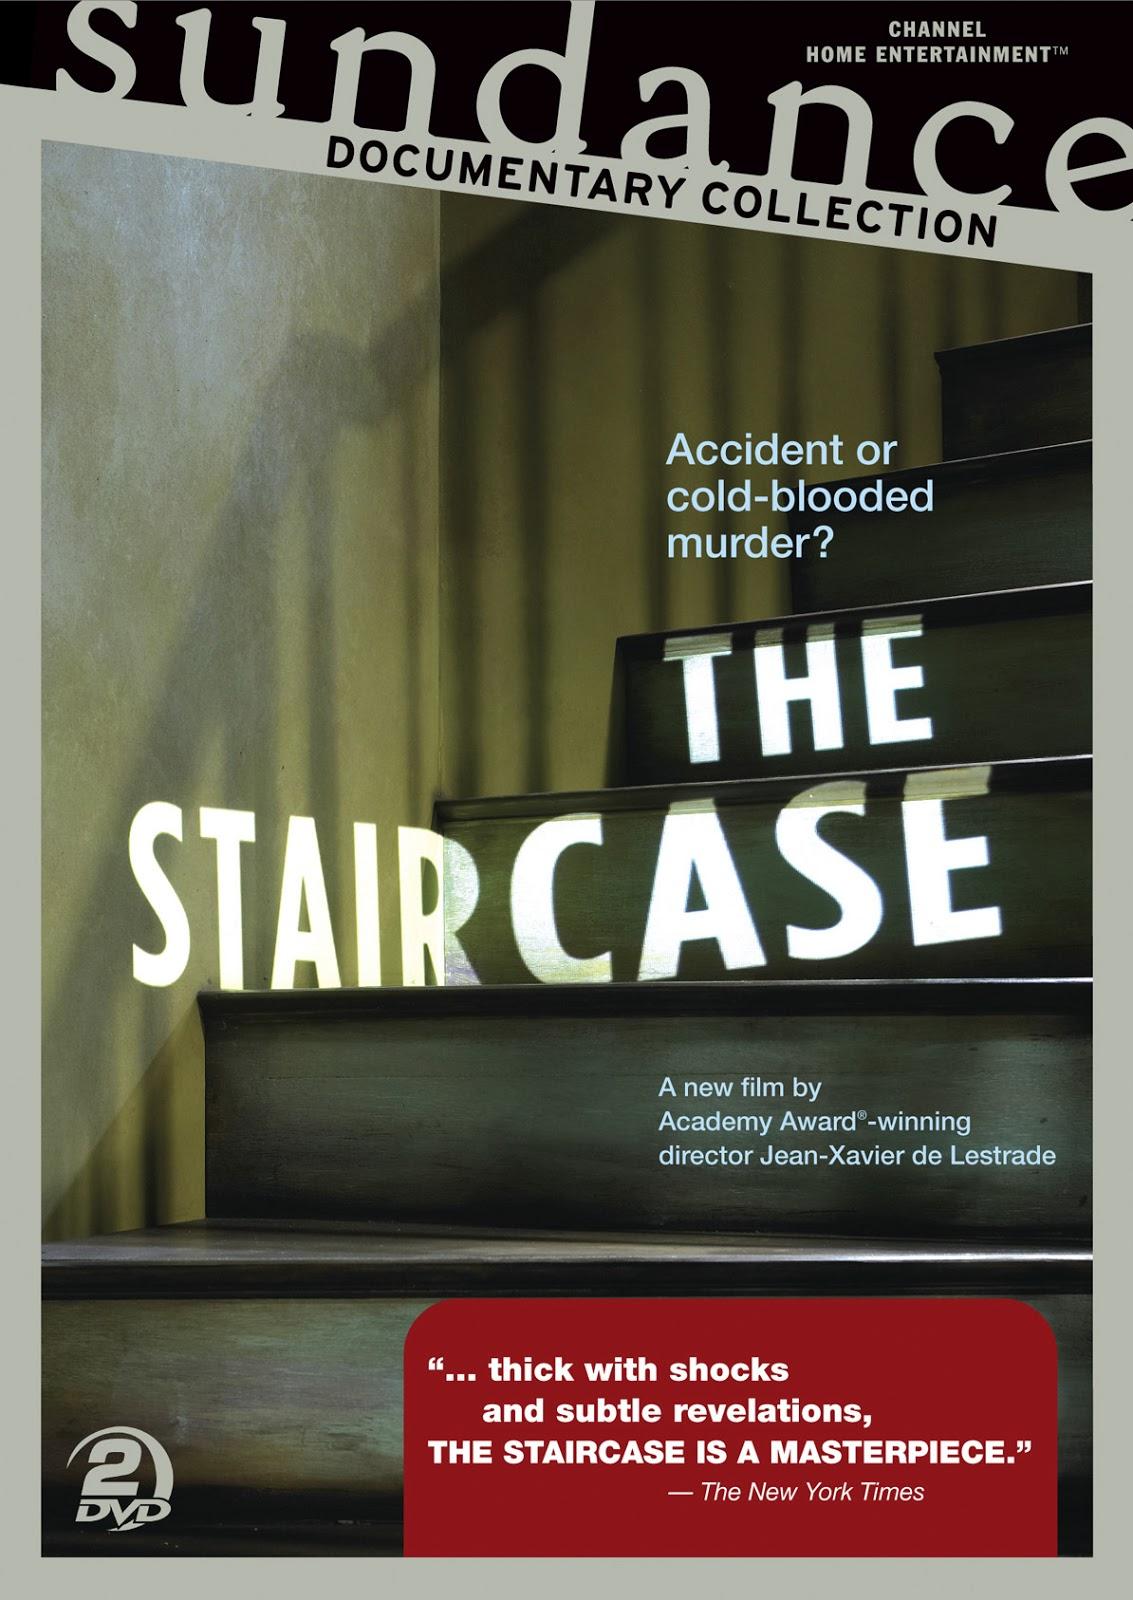 Críticas de series: El Caso de la Escalera: Anatomía de una Defensa